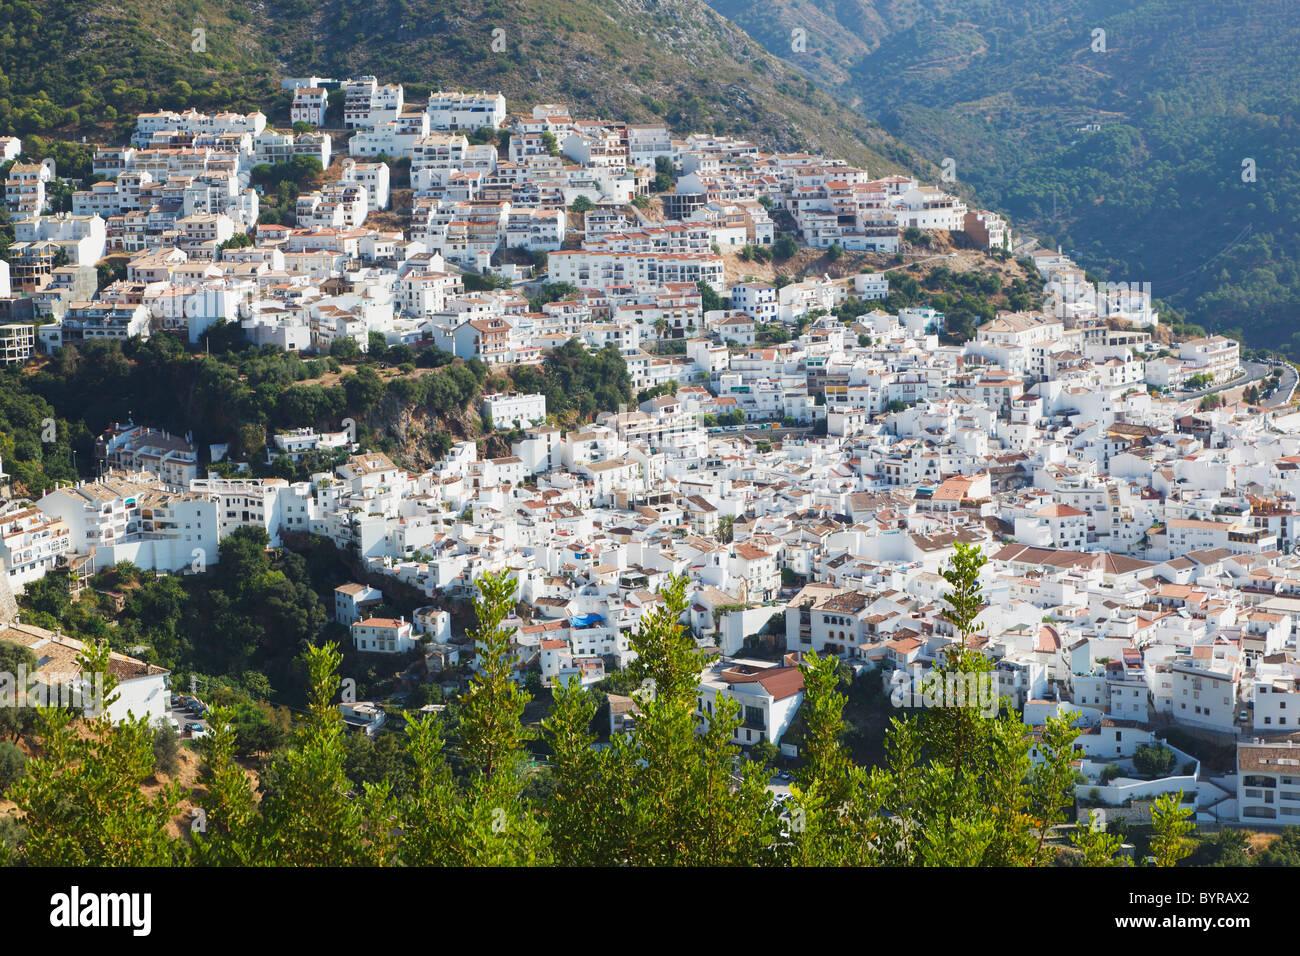 Típico pueblo blanco tierra adentro desde la costa del sol; de Ojen, Málaga, Andalucía, España Imagen De Stock